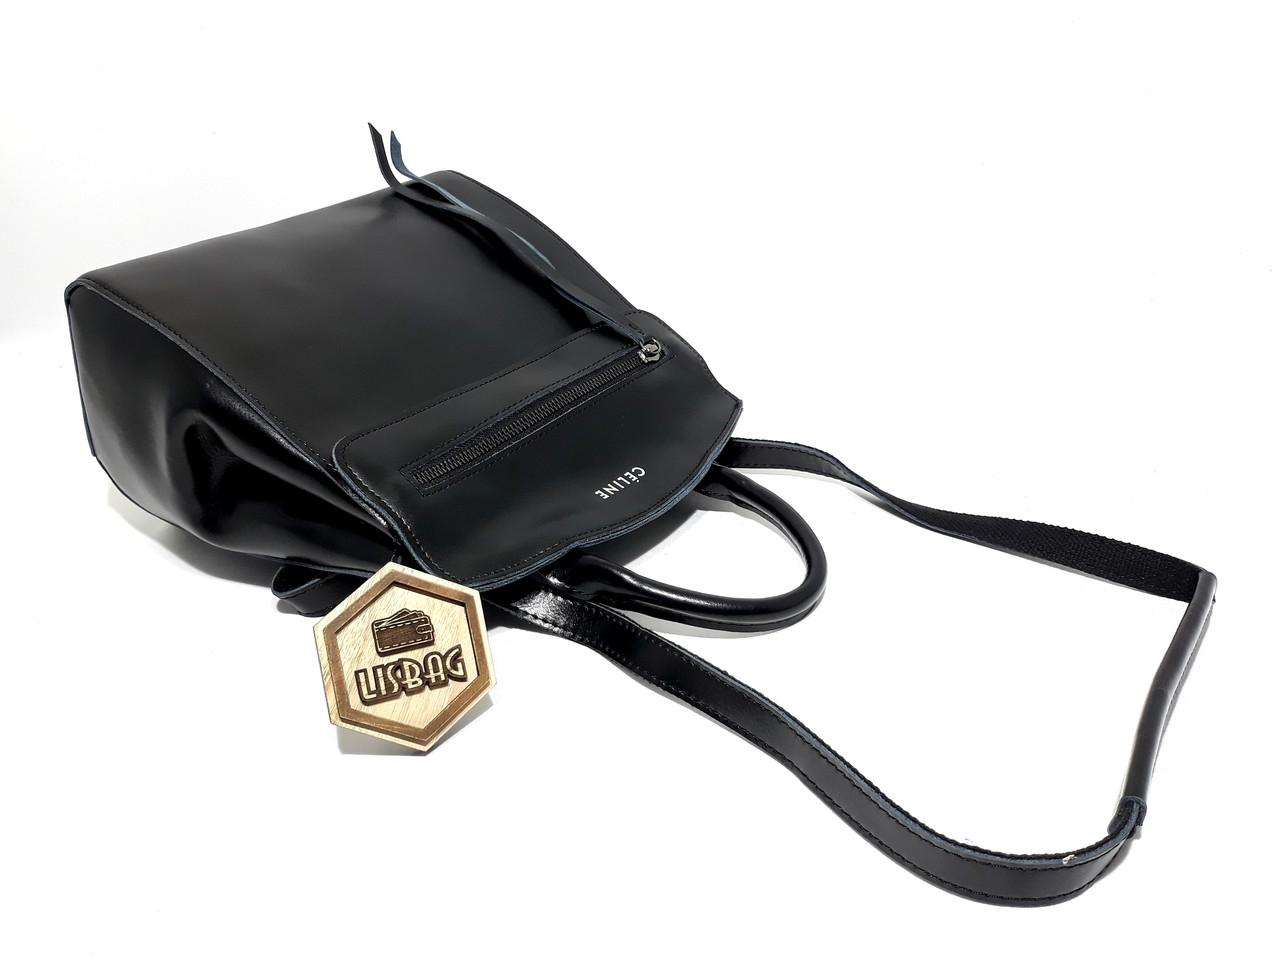 bdac71e4a772 Женский повседневный классический рюкзак-сумка Céline из натуральной кожи,цвет  Черный, ...